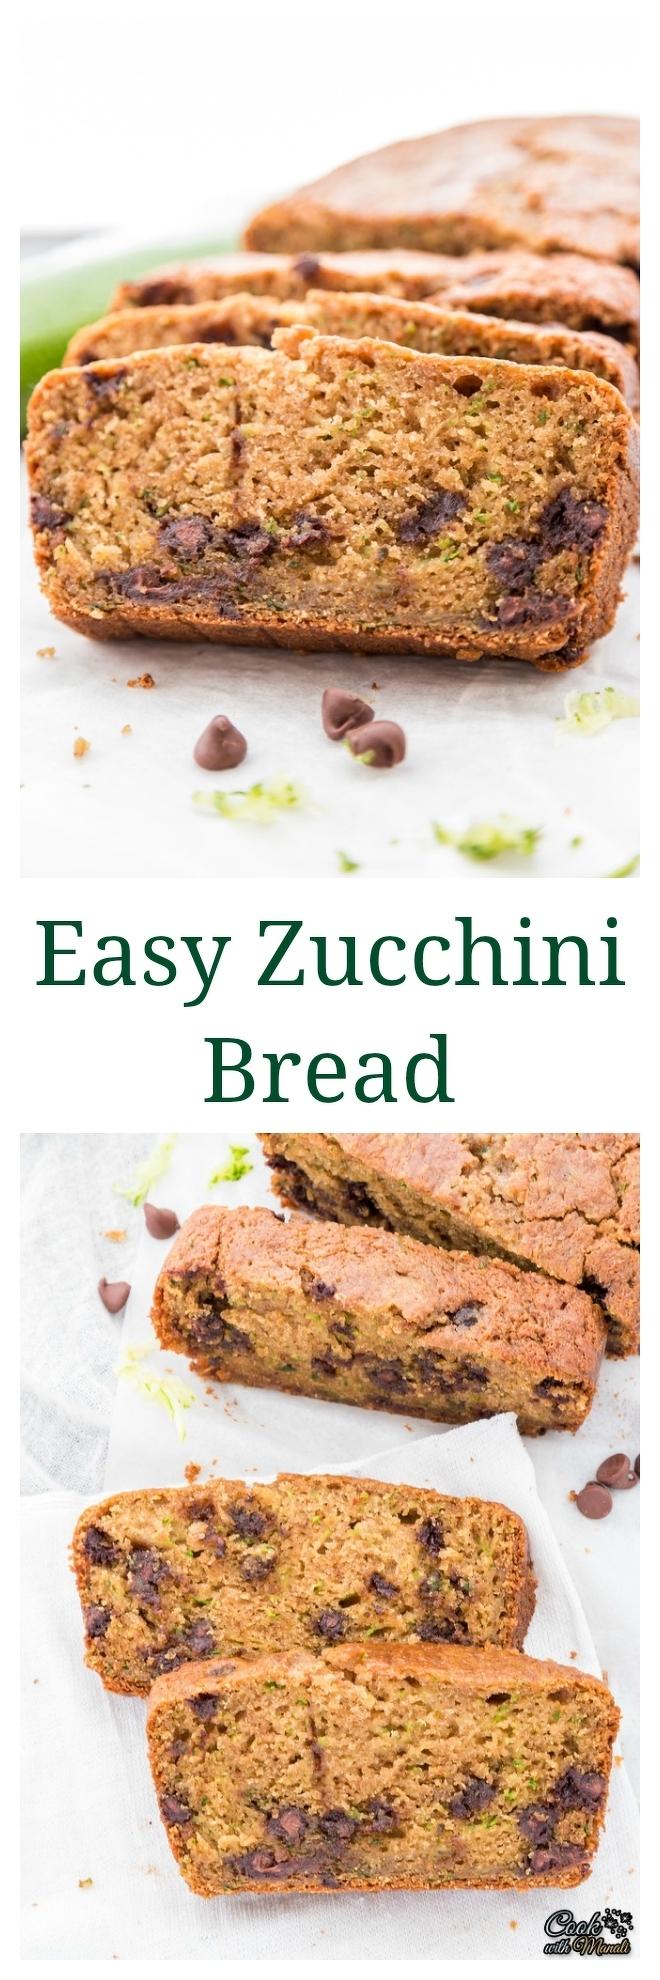 Easy Zucchini Bread Collage-nocwm